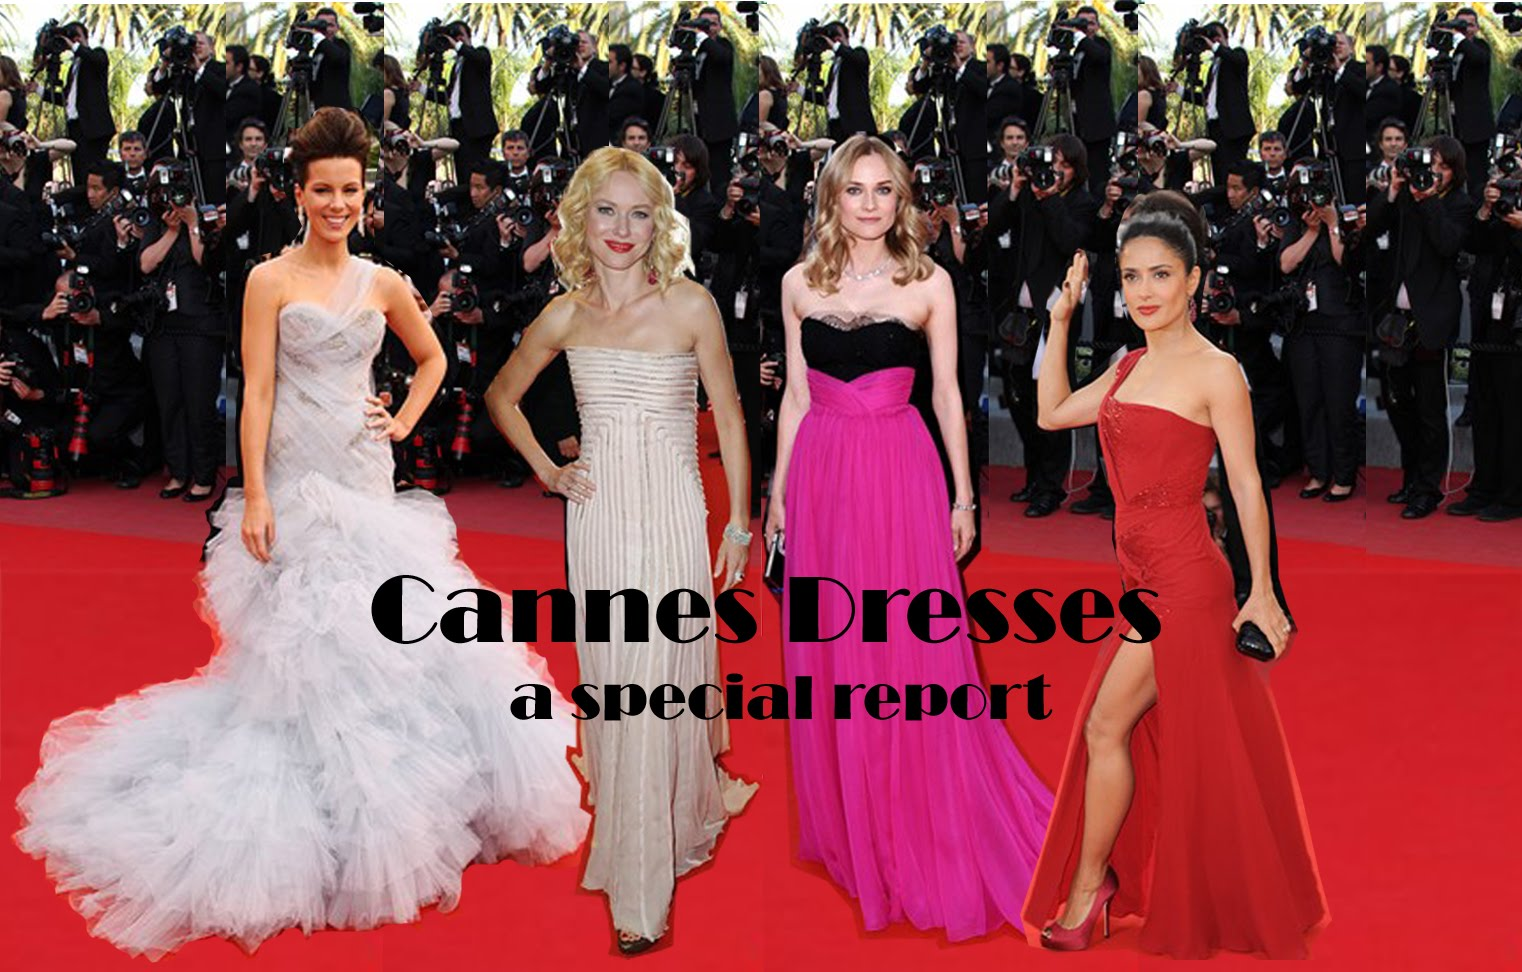 http://3.bp.blogspot.com/_QiFQrxyaT3s/S_rqW5mrp0I/AAAAAAAAALc/86qOMZpm9C8/s1600/Cannes-dresses-a-special-report.jpg